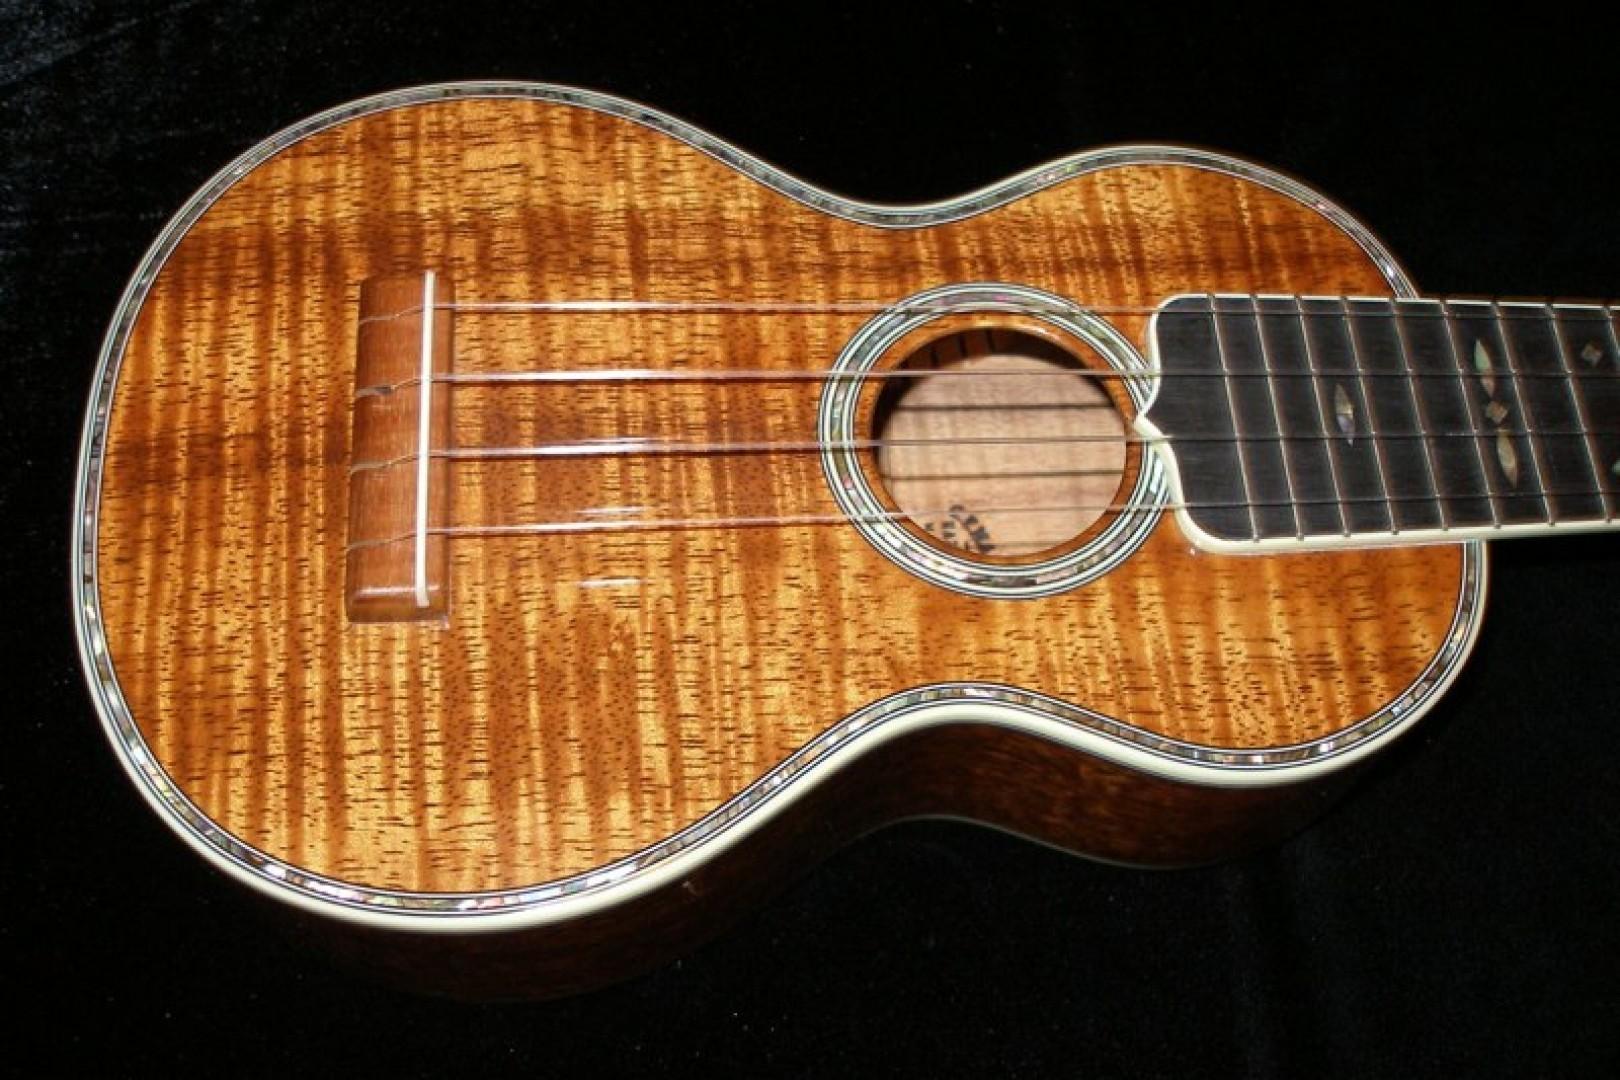 ukulele friend new martin 5k ukulele for sale ukulele friend. Black Bedroom Furniture Sets. Home Design Ideas